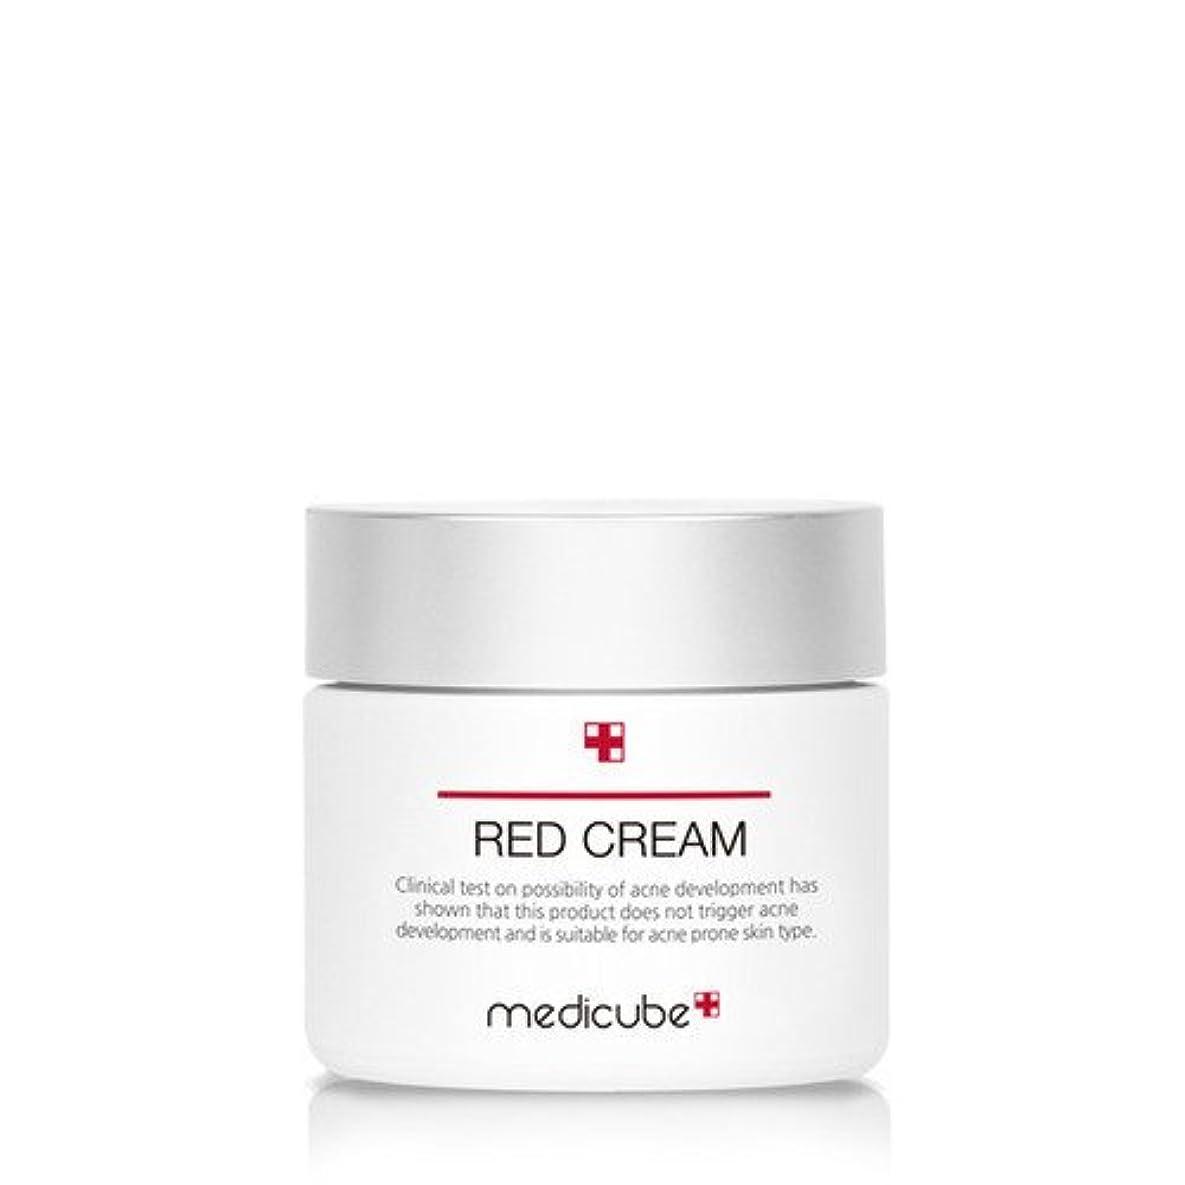 頂点病気アフリカ人[Medicube]メディキューブ レッドクリーム 50ml / Medicube Red Cream 50ml / 正品?海外直送商品 [並行輸入品]